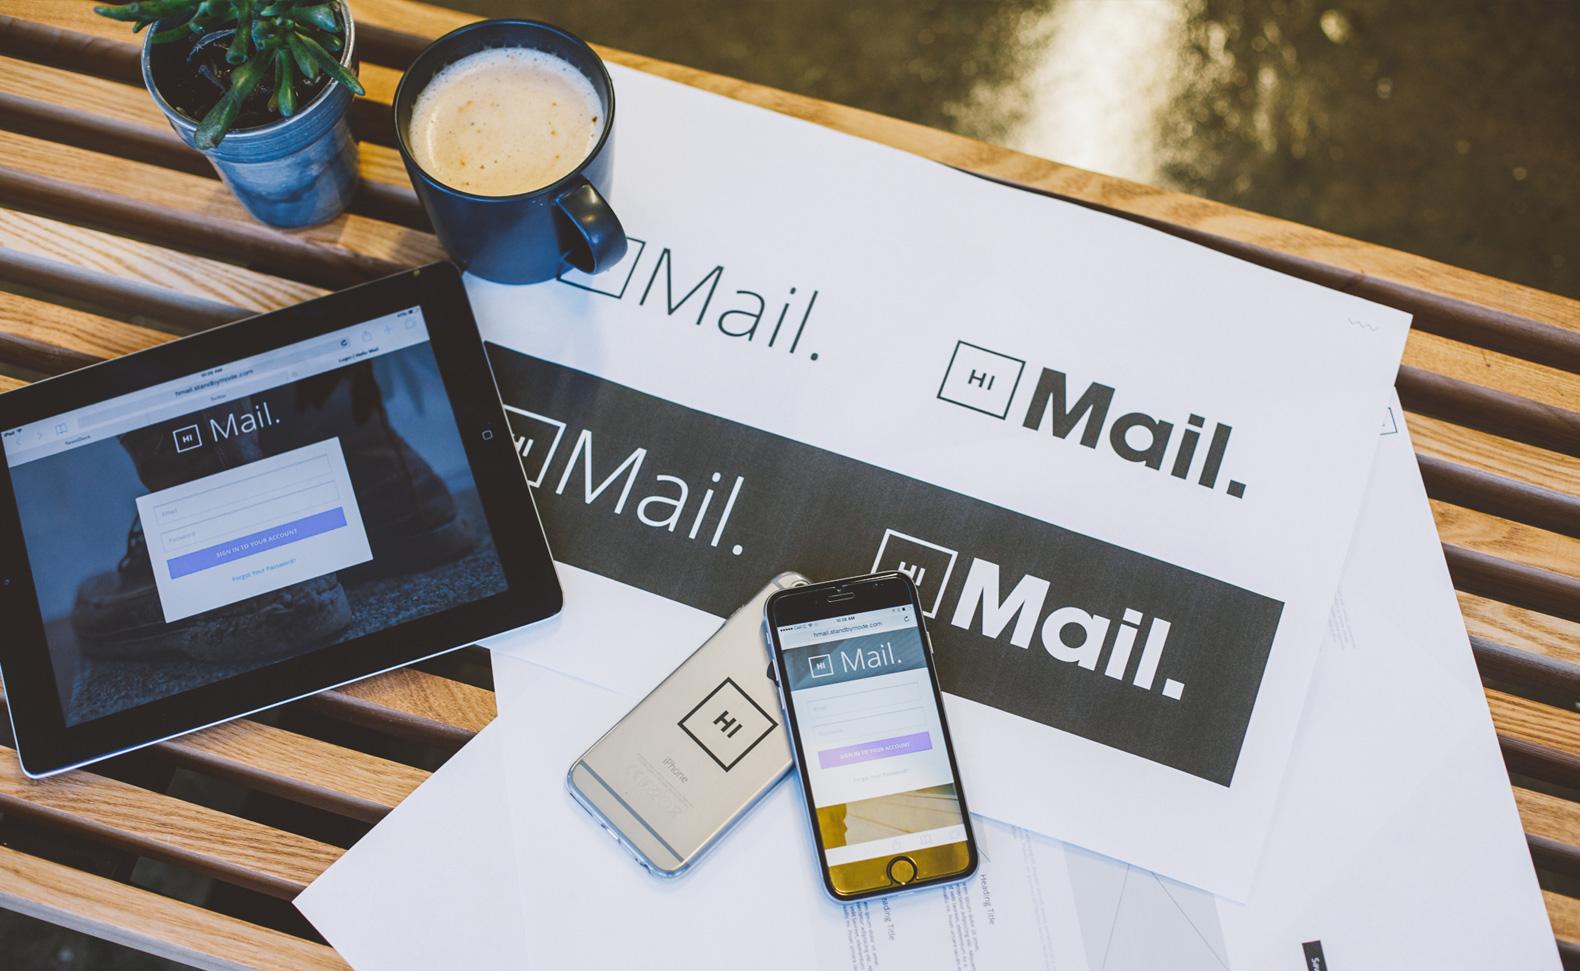 Hi Mail Showcase 2